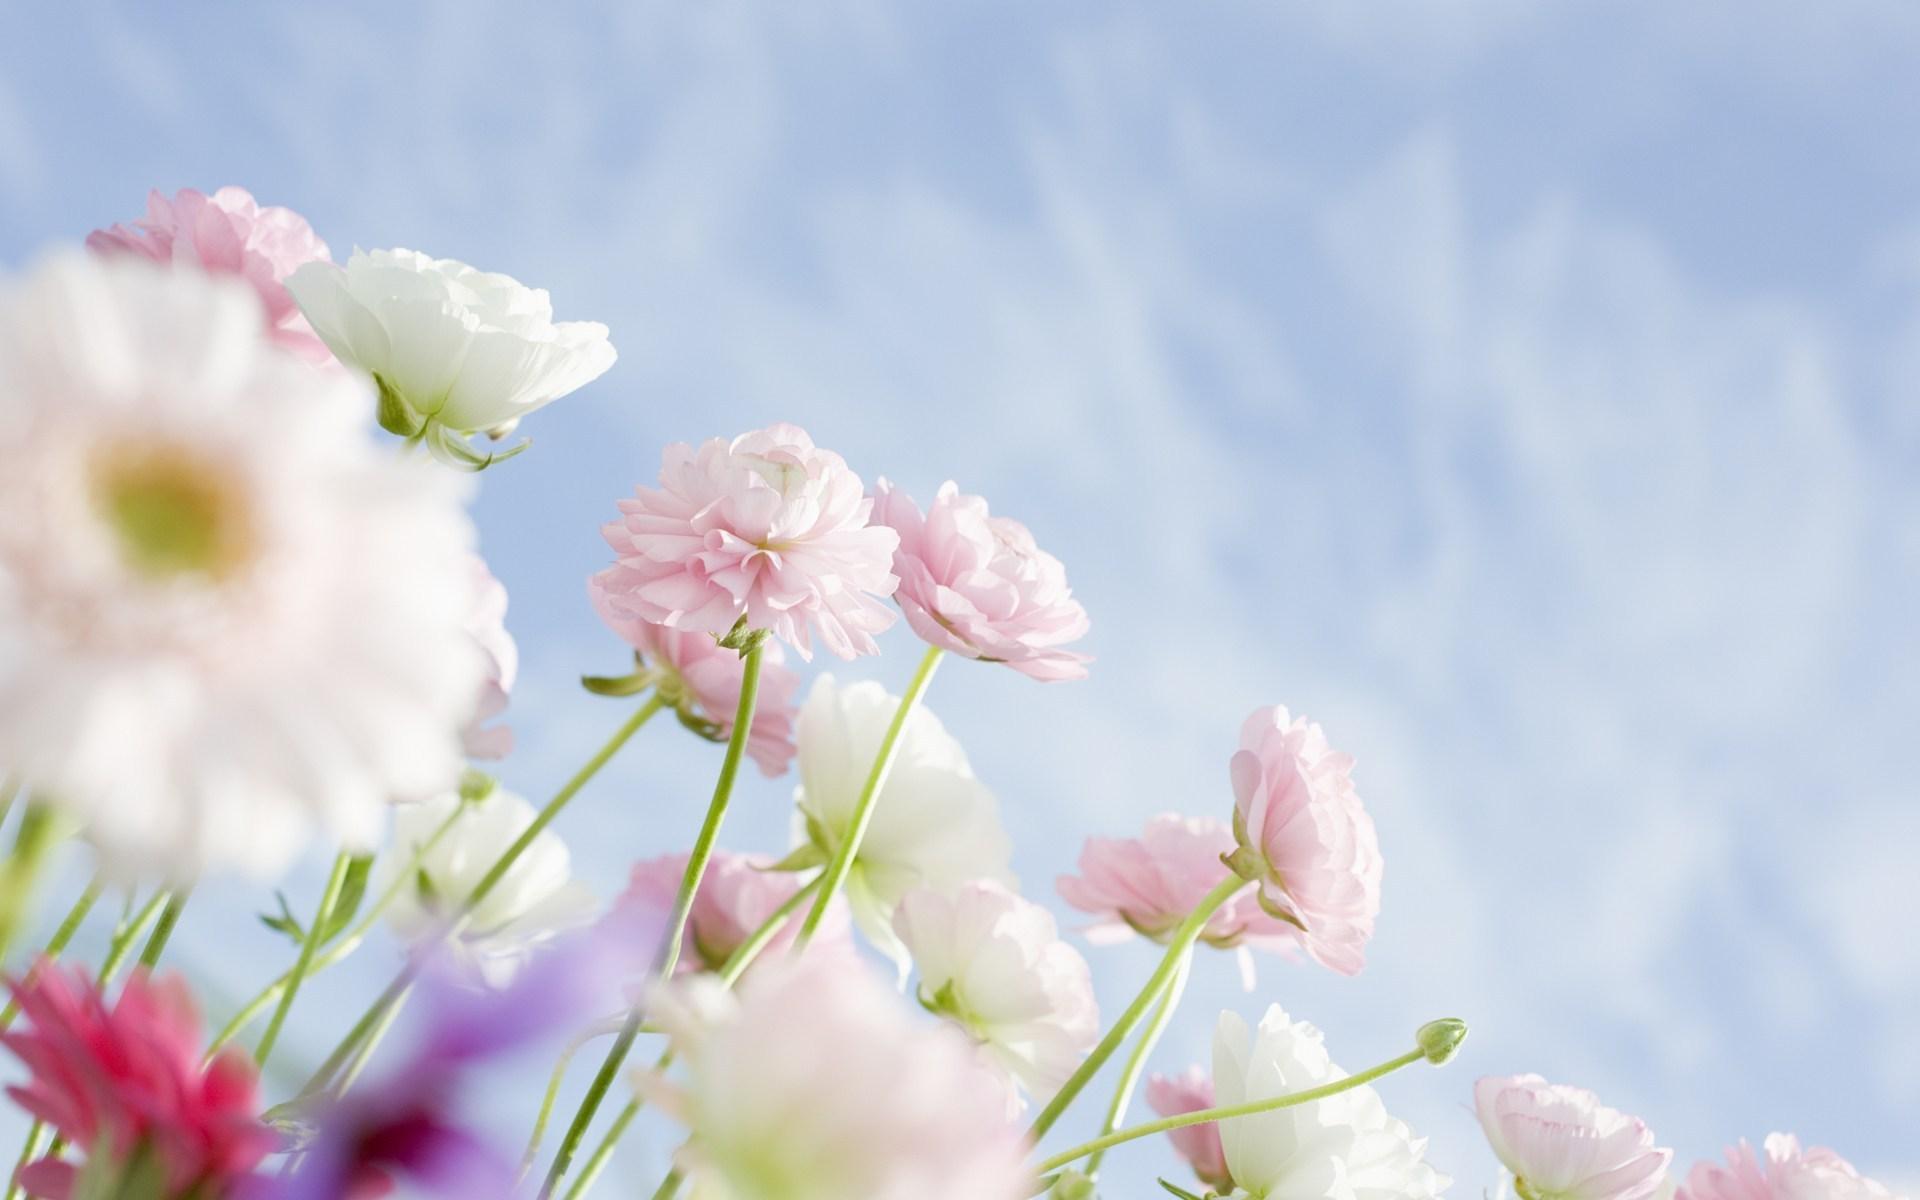 Цветы цветы белые розовые весна небо